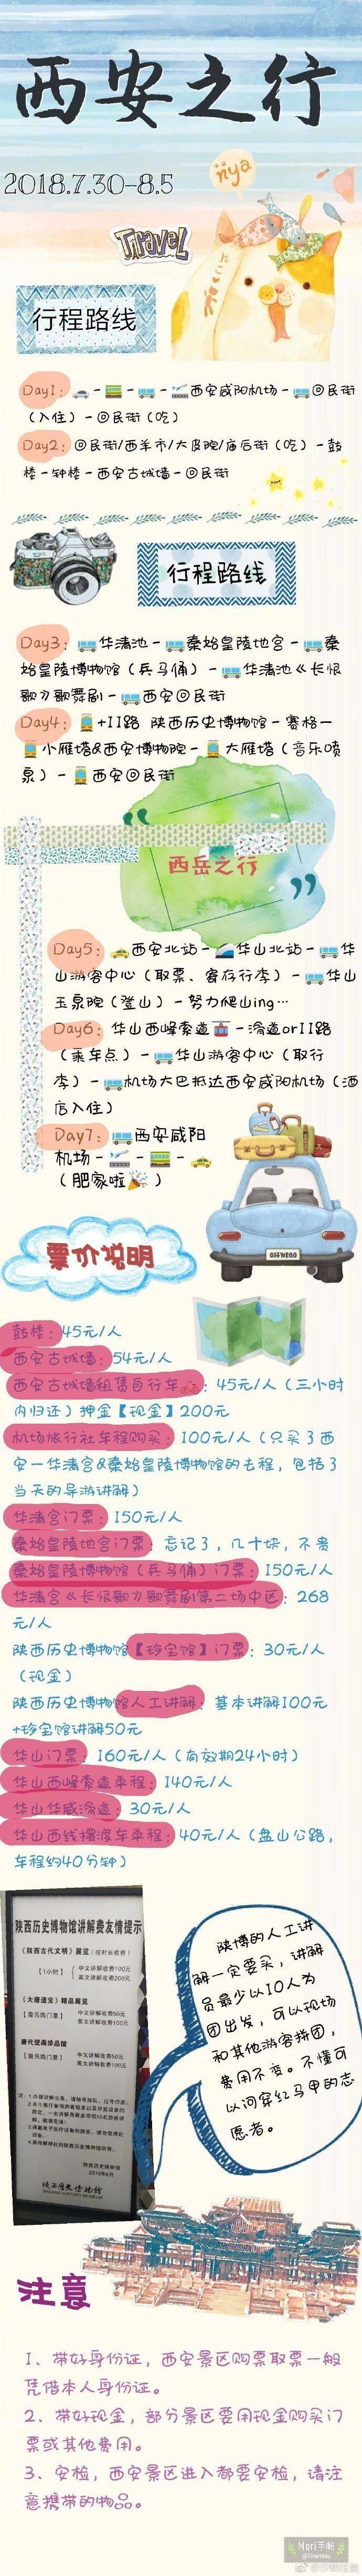 西安旅行攻略p1~p7是西安七天六夜游玩记录;p7是华山之行p8~p9